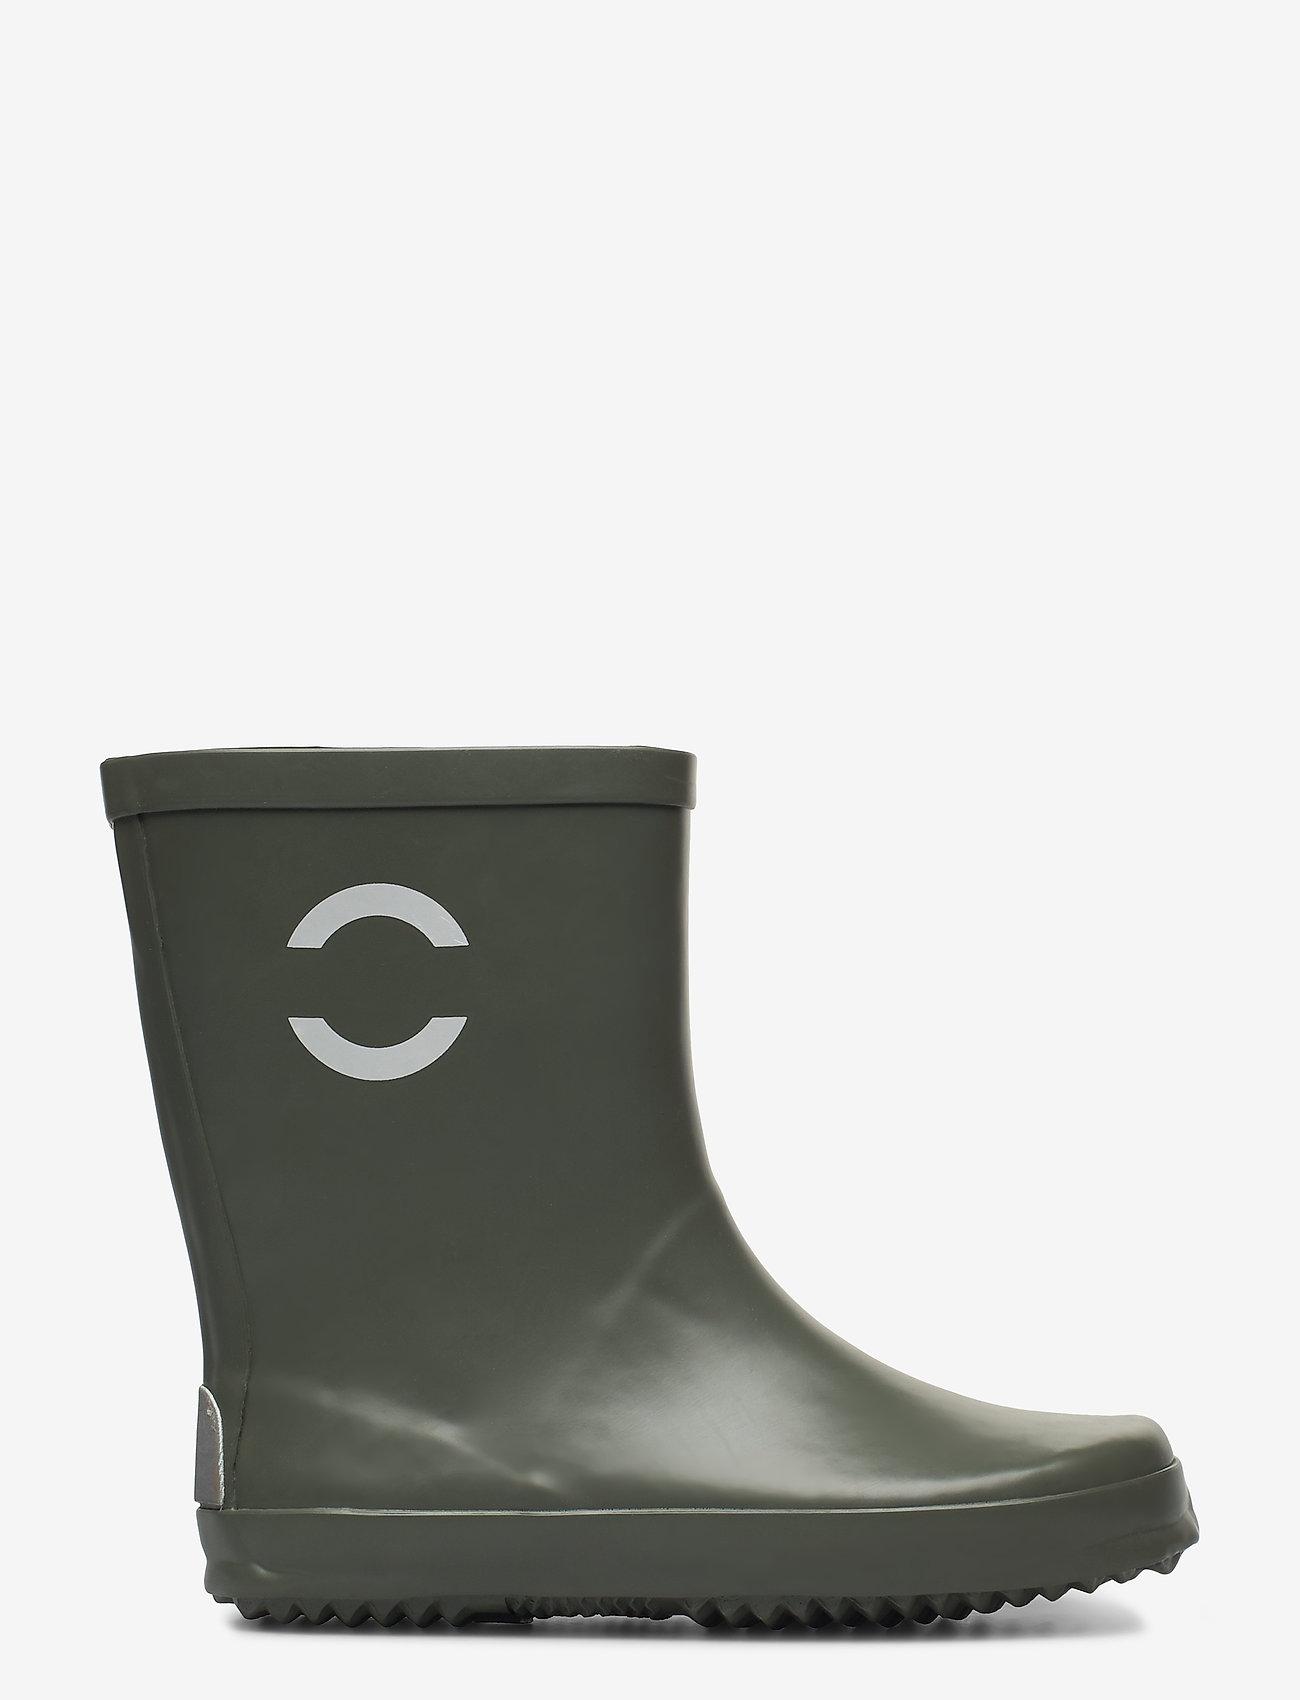 Mikk-Line - Wellies - Solid - uforede gummistøvler - dusty olive - 1